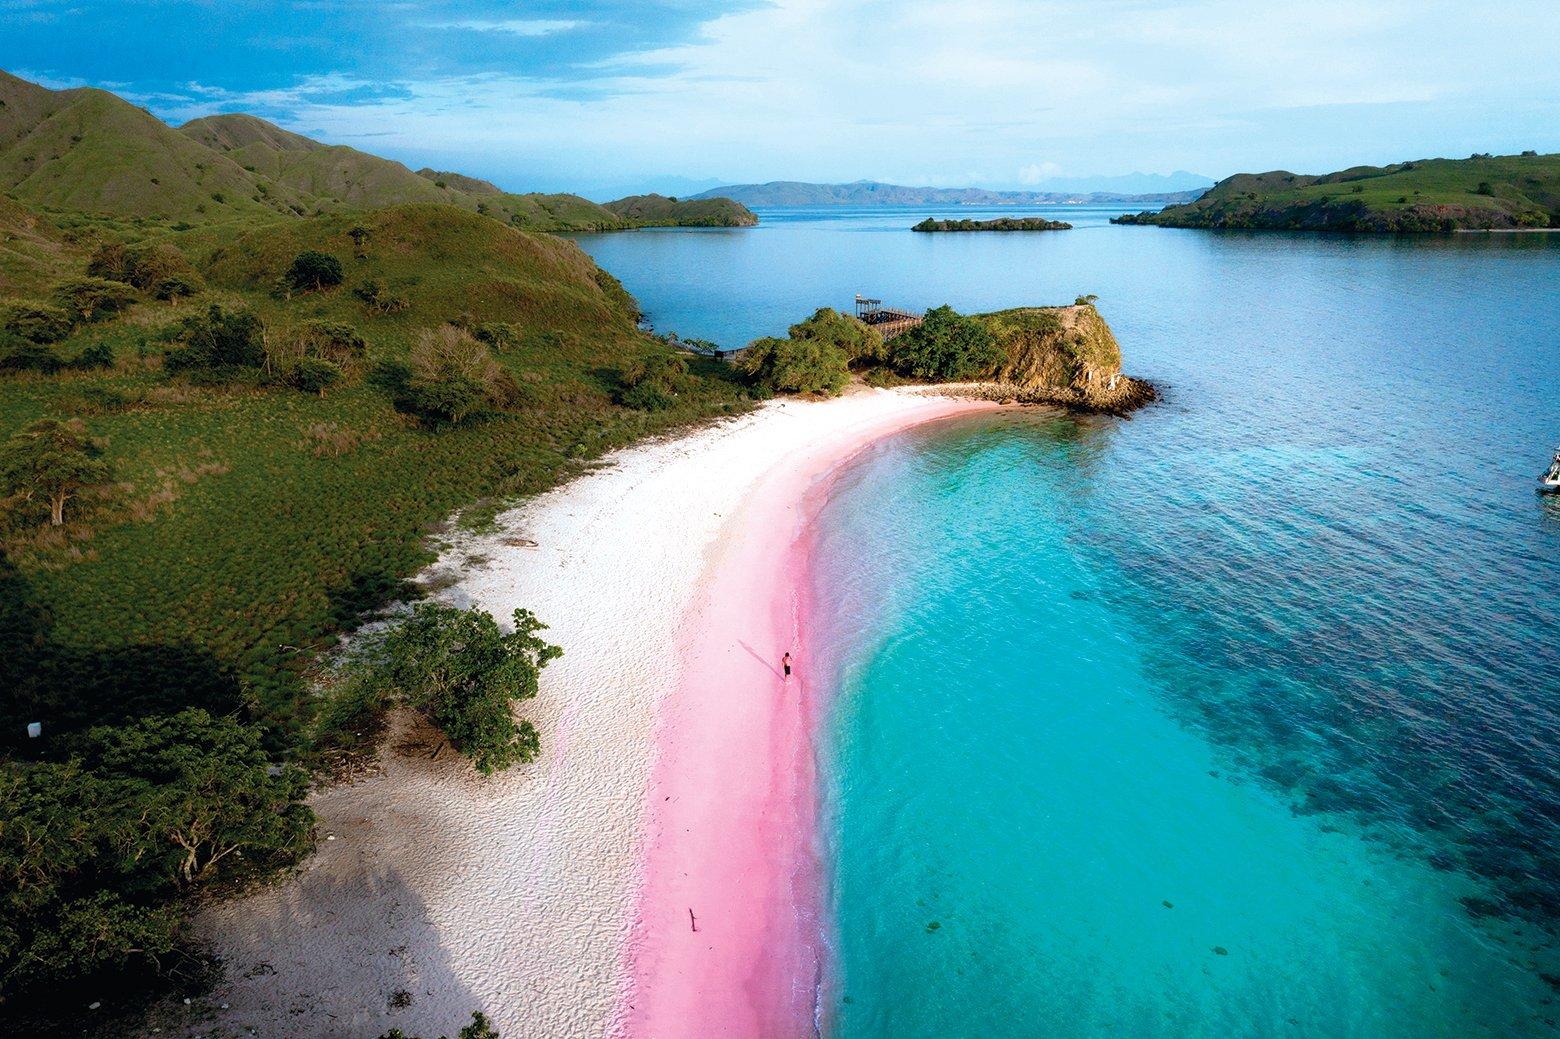 科莫多島的粉紅沙灘浪漫唯美。